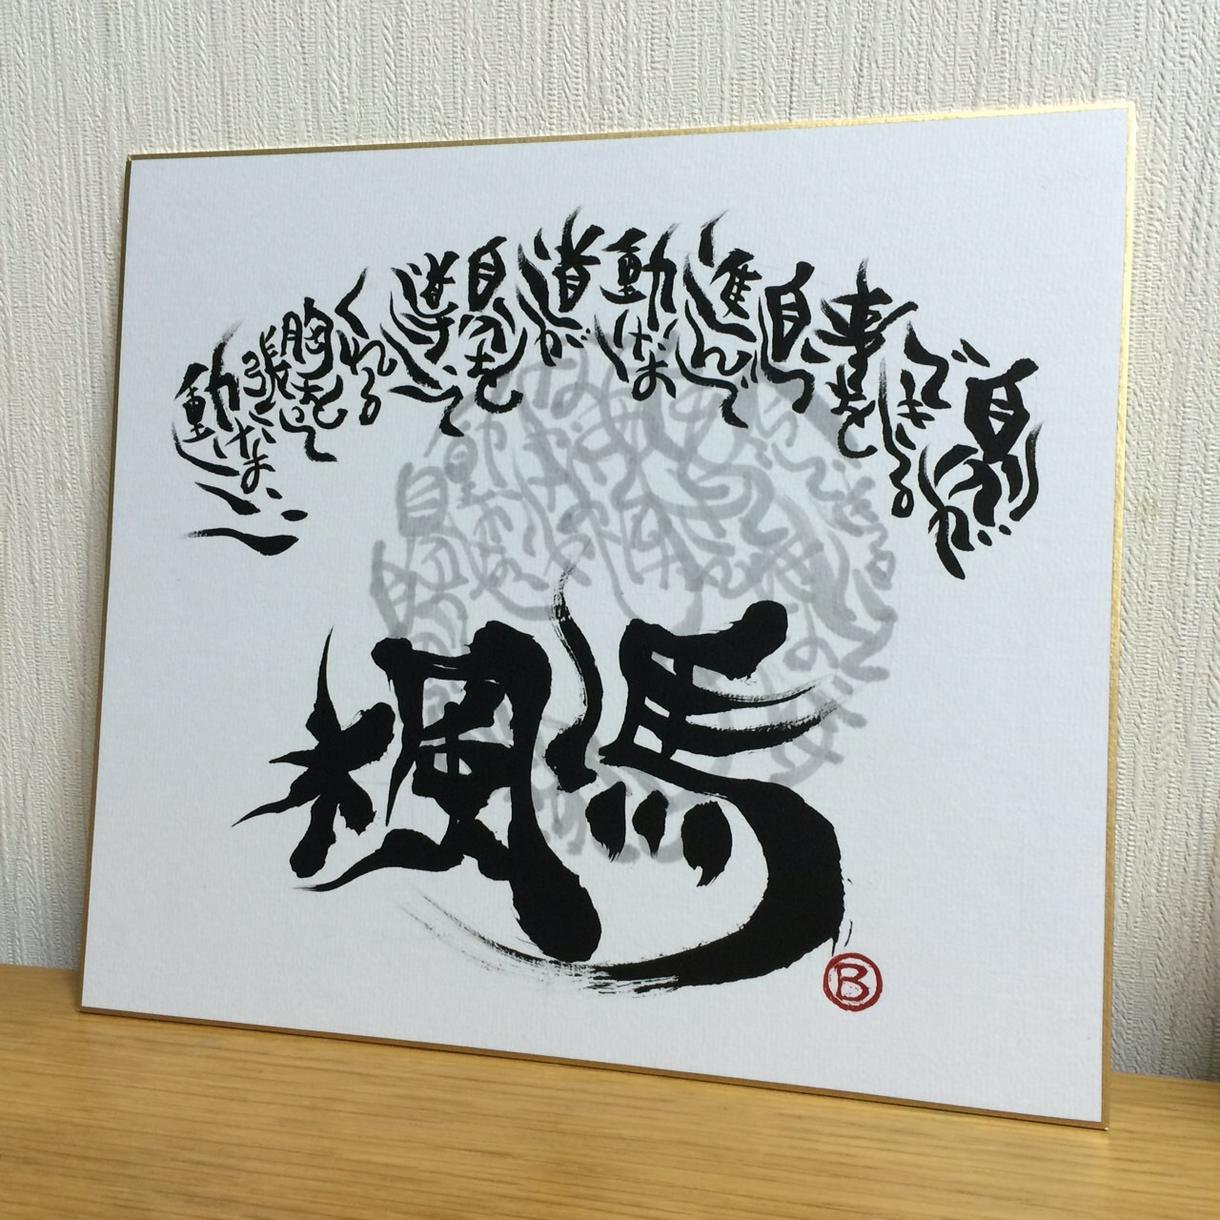 母の日にいつもと違うギフトを提供します 日本の文化をアレンジした新しい形